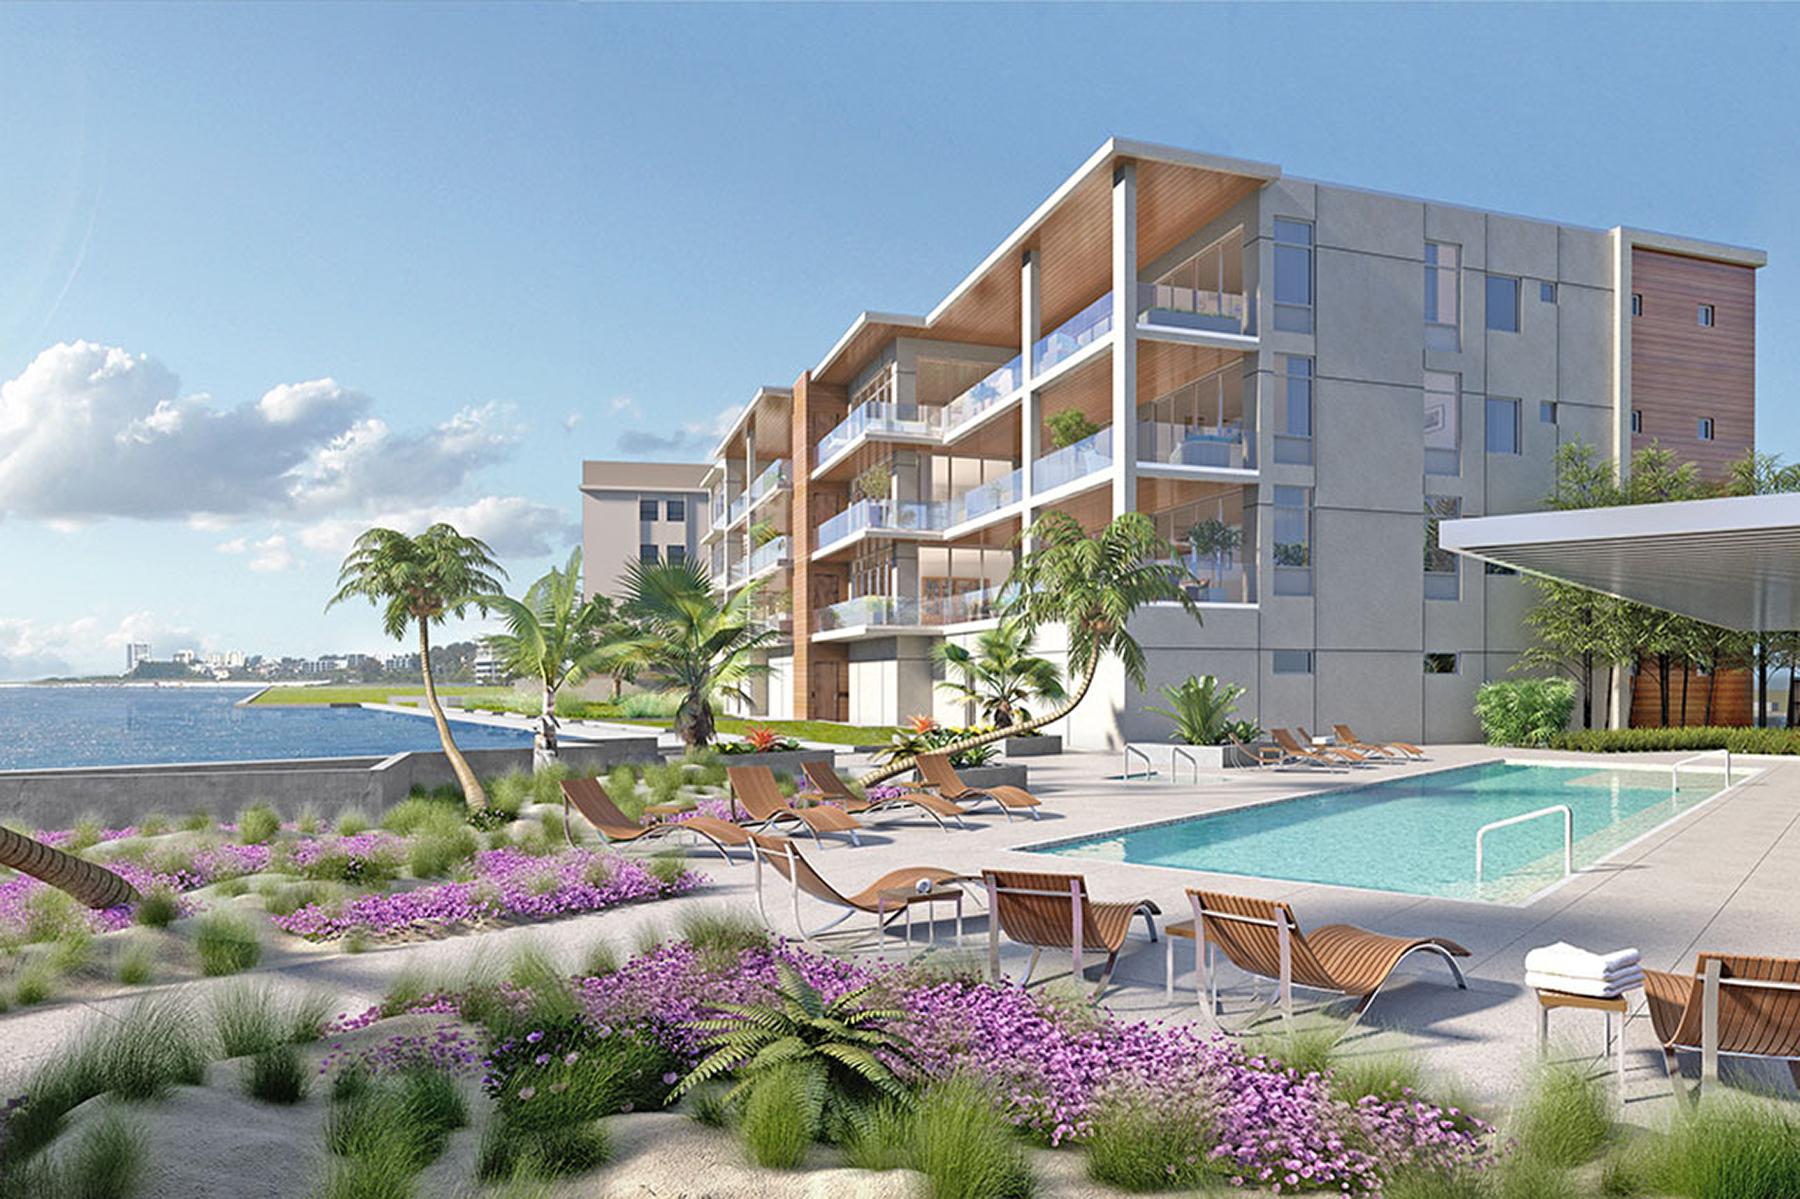 共管式独立产权公寓 为 销售 在 4740 Ocean Blvd , 301 Penthou, Sarasota, FL 34242 4740 Ocean Blvd 301 Penthou 萨拉索塔, 佛罗里达州, 34242 美国